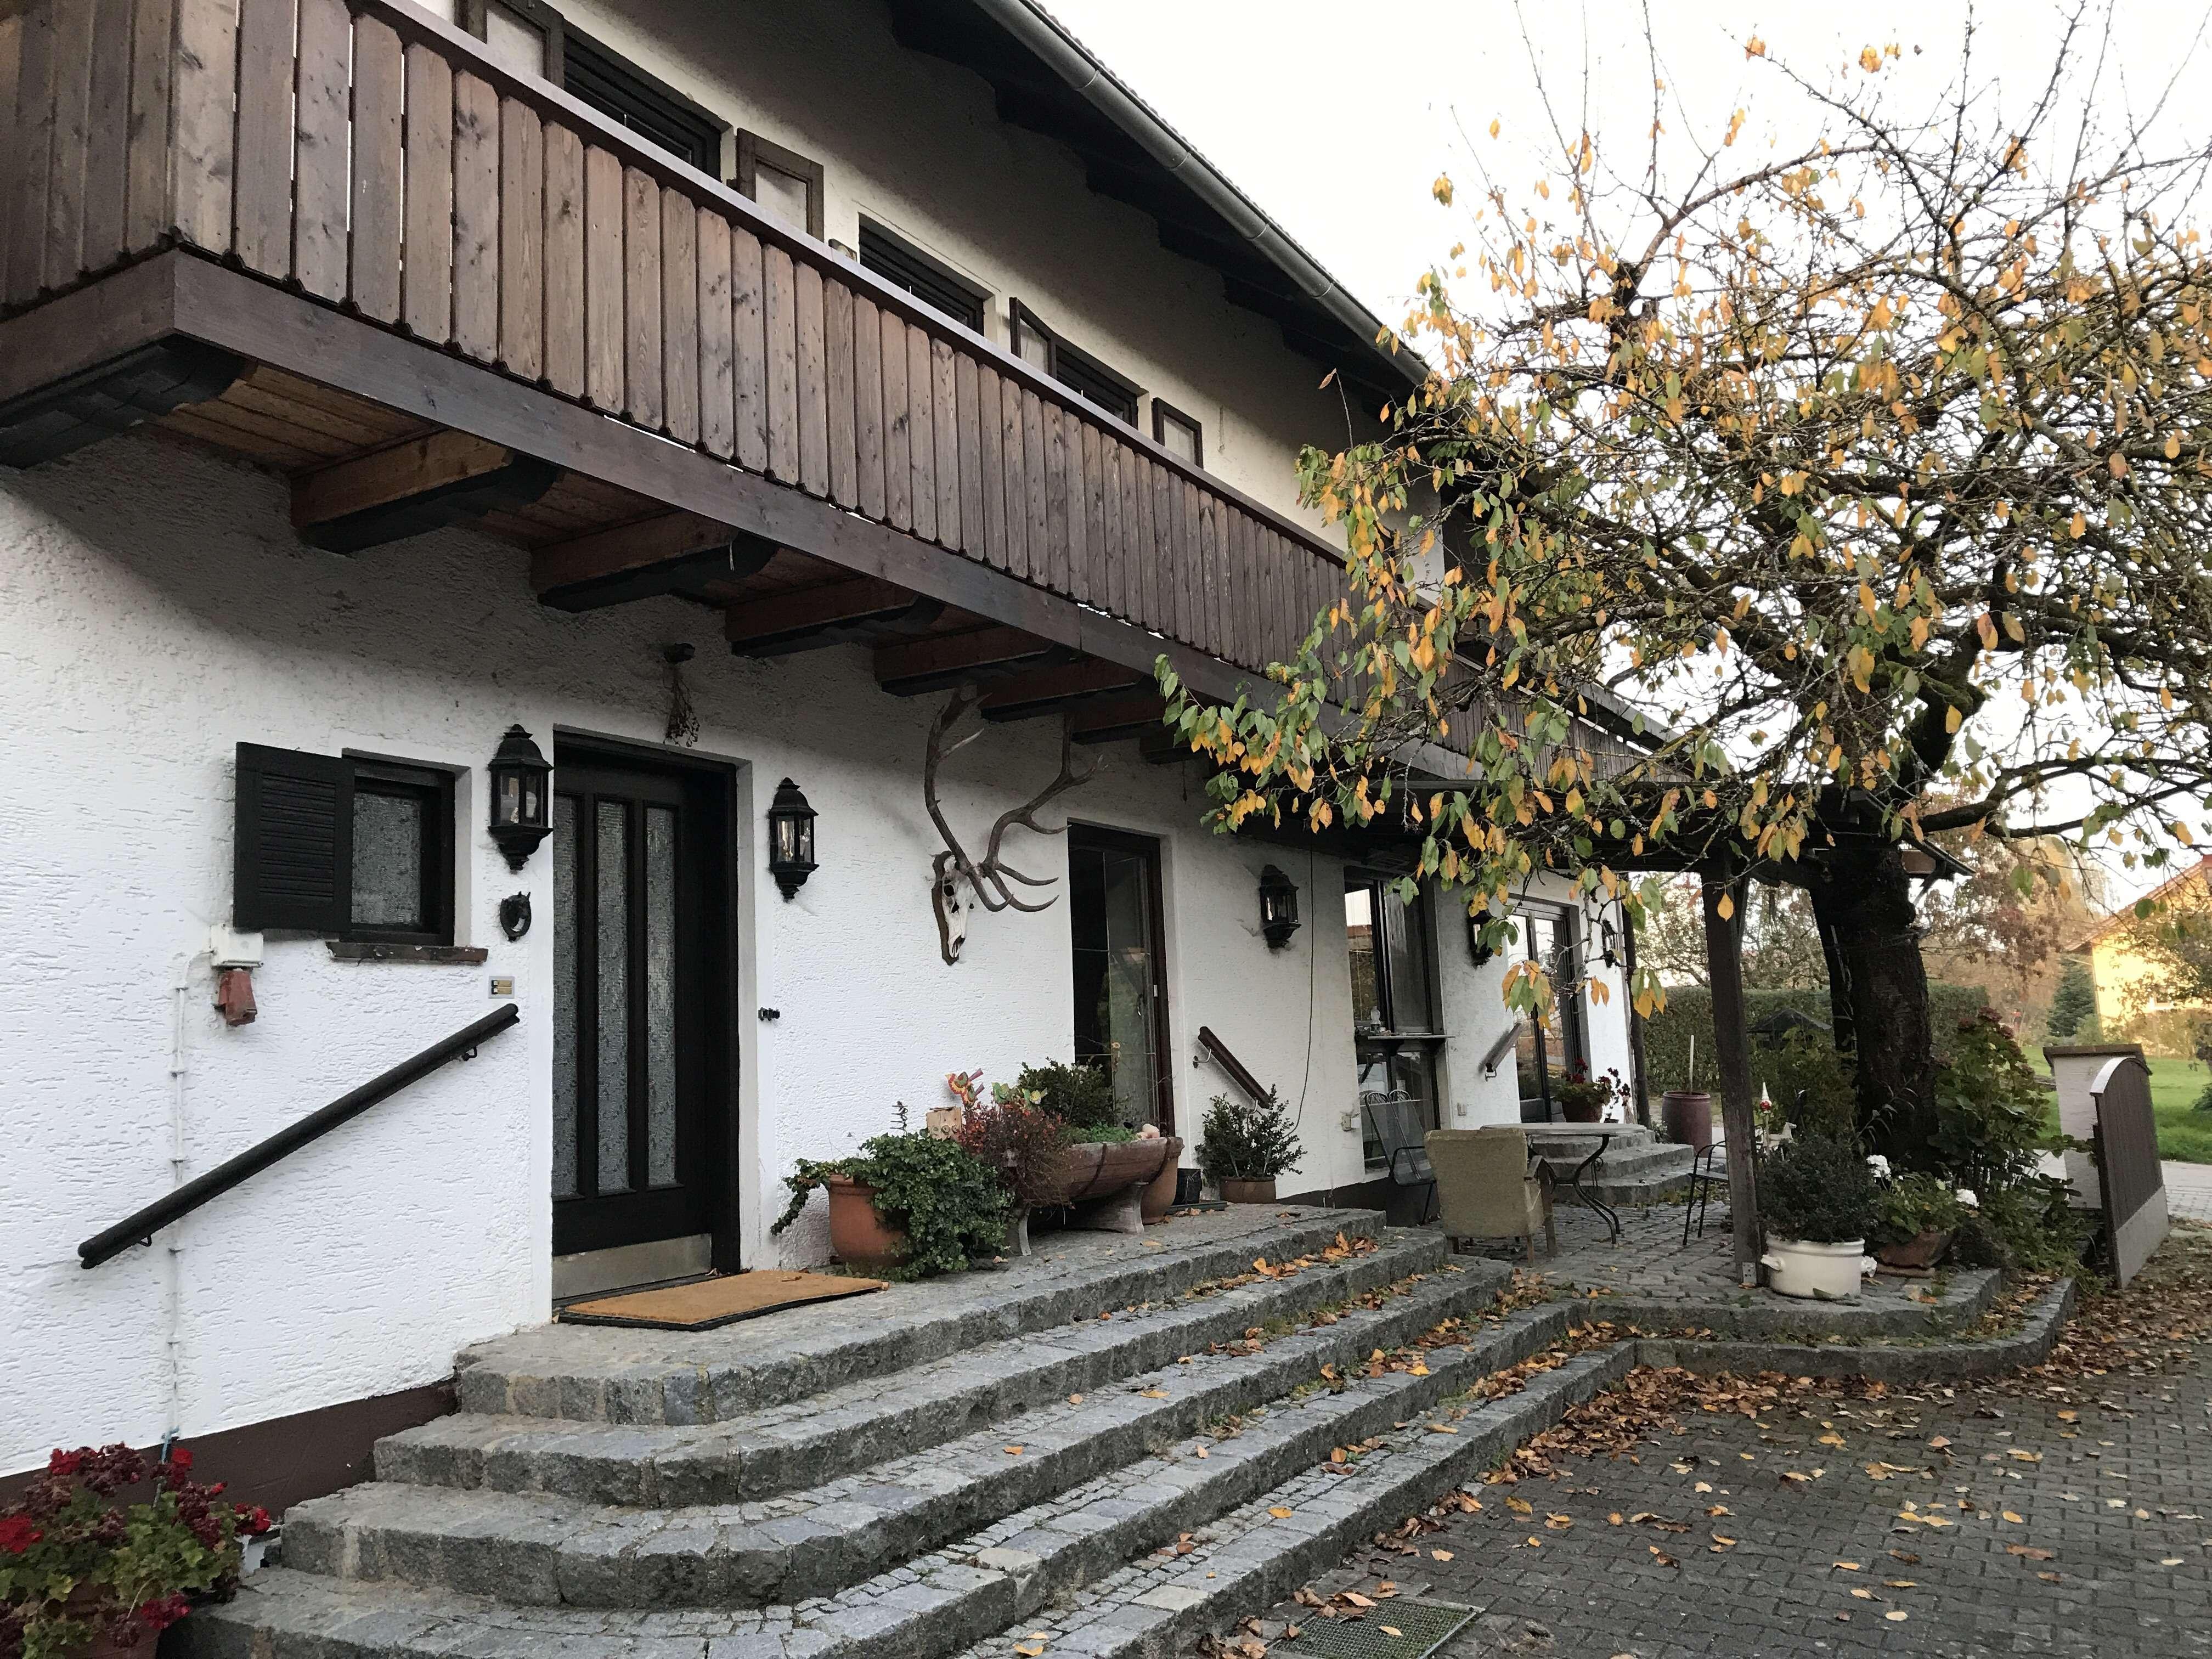 EG in Wohnhaus mit Garten - 700 €, 180 m², 4,5 Zimmer in Wurmannsquick